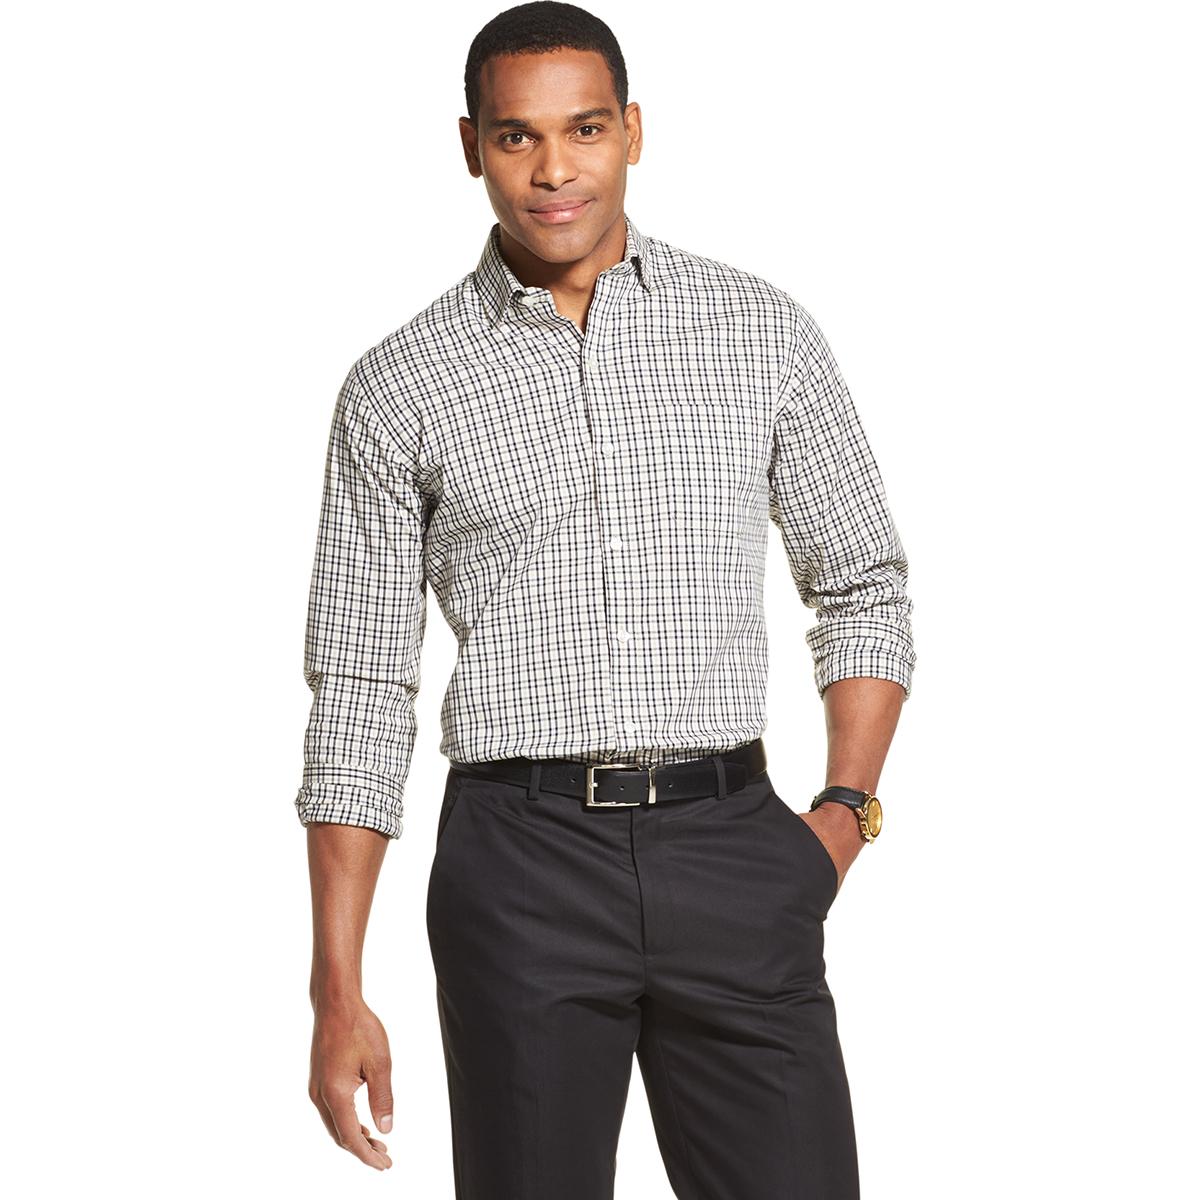 Van Heusen Men's Never Tuck Long-Sleeve Traveler Button-Down Shirt - Various Patterns, M